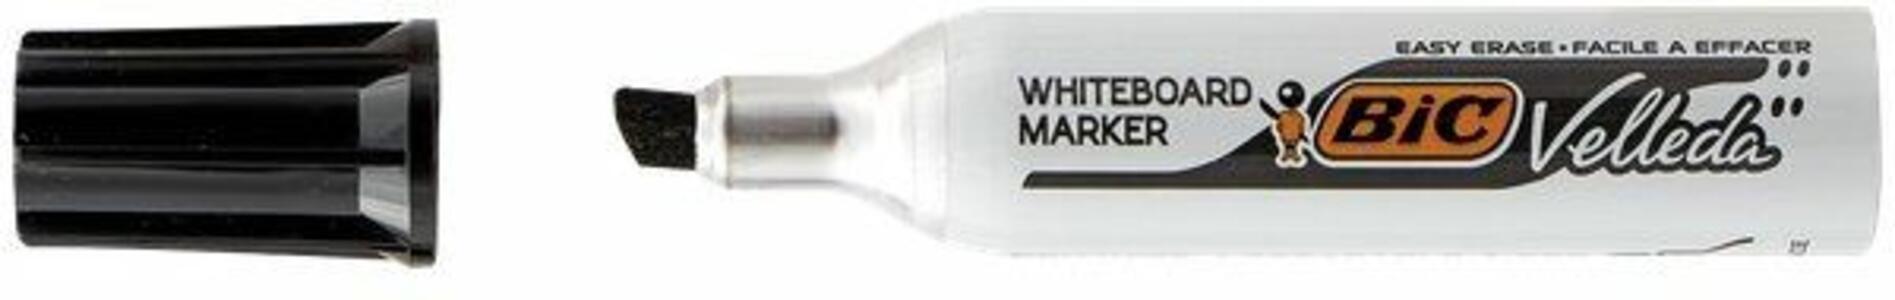 Marcatore Bic Velleda nero punta 3,5-5,5 mm. Confezione 12 pezzi - 2